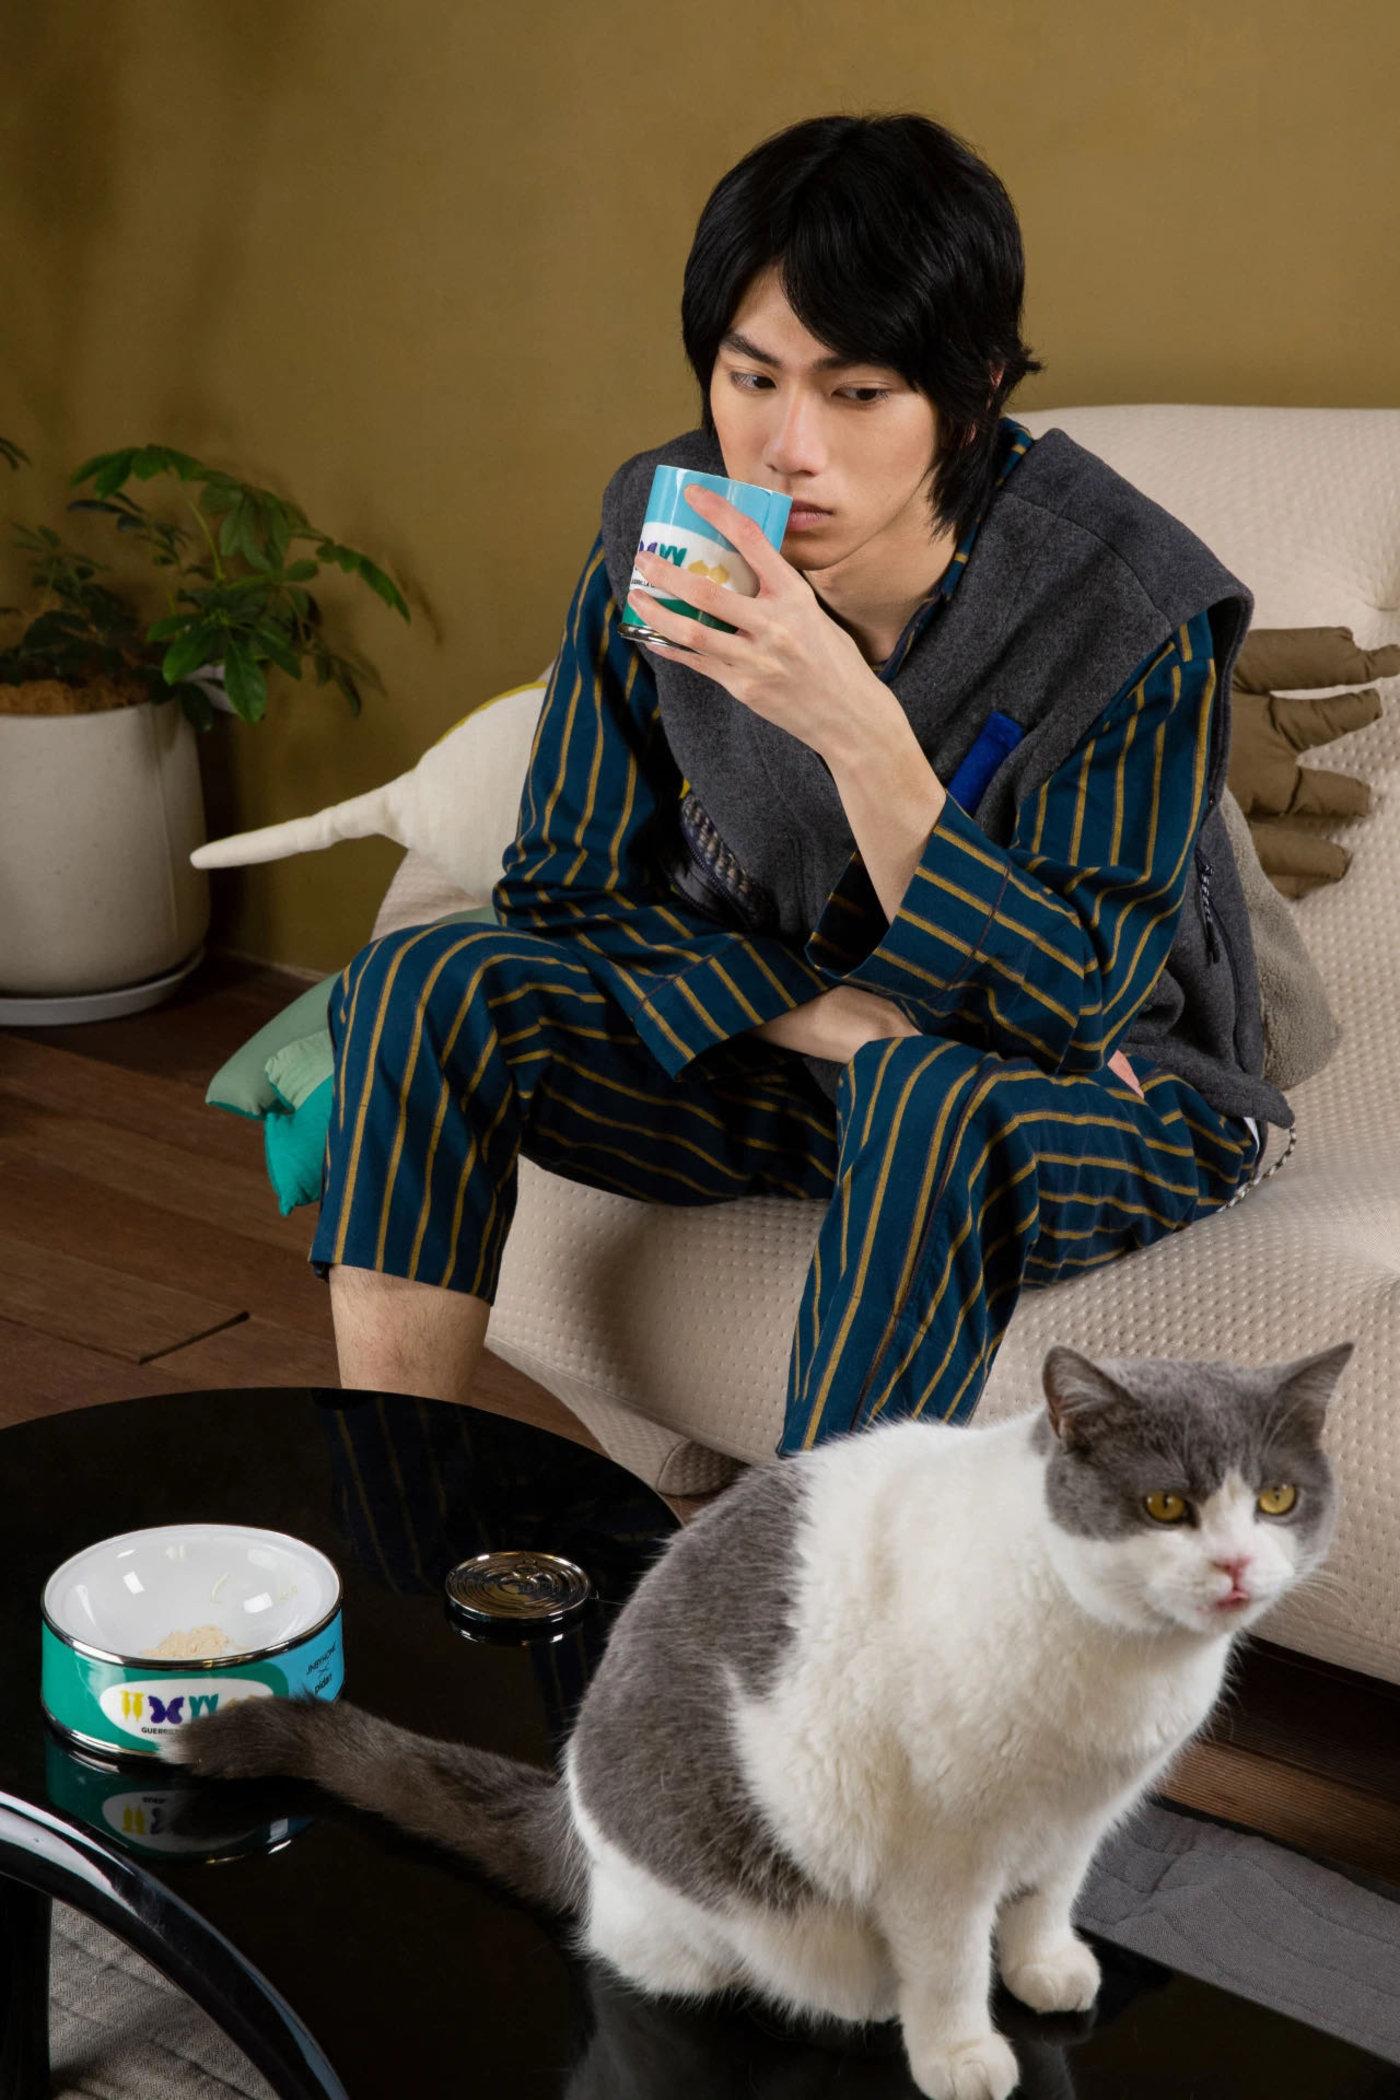 养宠的乐趣:用水杯揶揄一下小猫咪